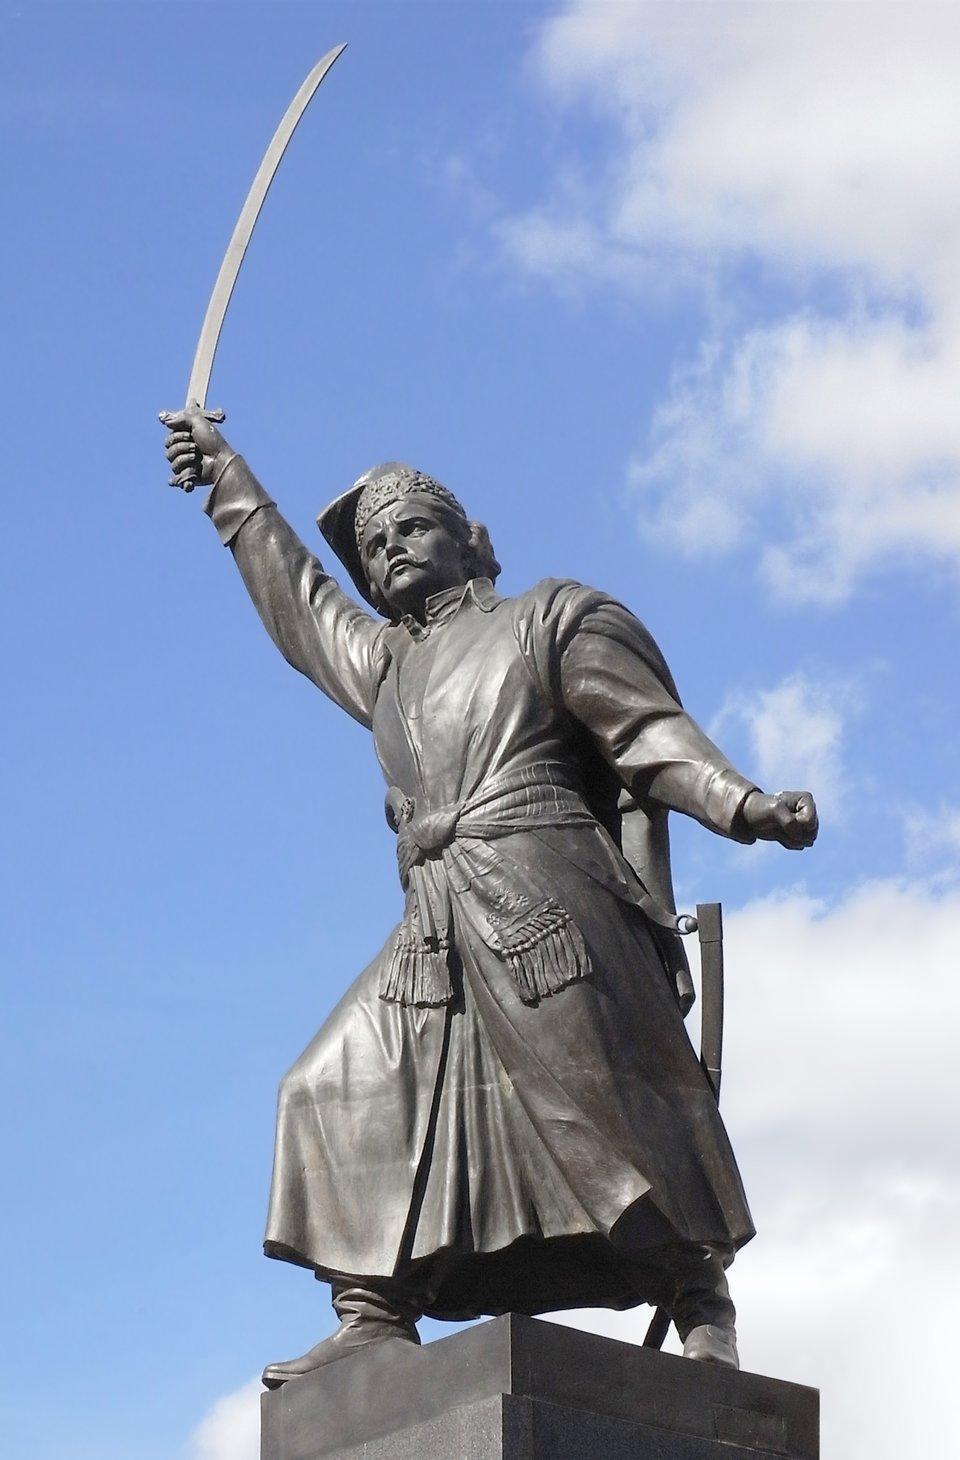 PomnikJana Kilińskiego powstał w1936 r. Jako jeden znielicznych monumentów warszawskich nie został zniszczony podczas II wojny światowej.Obecnie stoi wpobliżu miejsca gdzie wXVIII w. znajdowała się ambasada Rosji. PomnikJana Kilińskiego powstał w1936 r. Jako jeden znielicznych monumentów warszawskich nie został zniszczony podczas II wojny światowej.Obecnie stoi wpobliżu miejsca gdzie wXVIII w. znajdowała się ambasada Rosji. Źródło: Aisano, Wikimedia Commons, licencja: CC BY-SA 4.0.